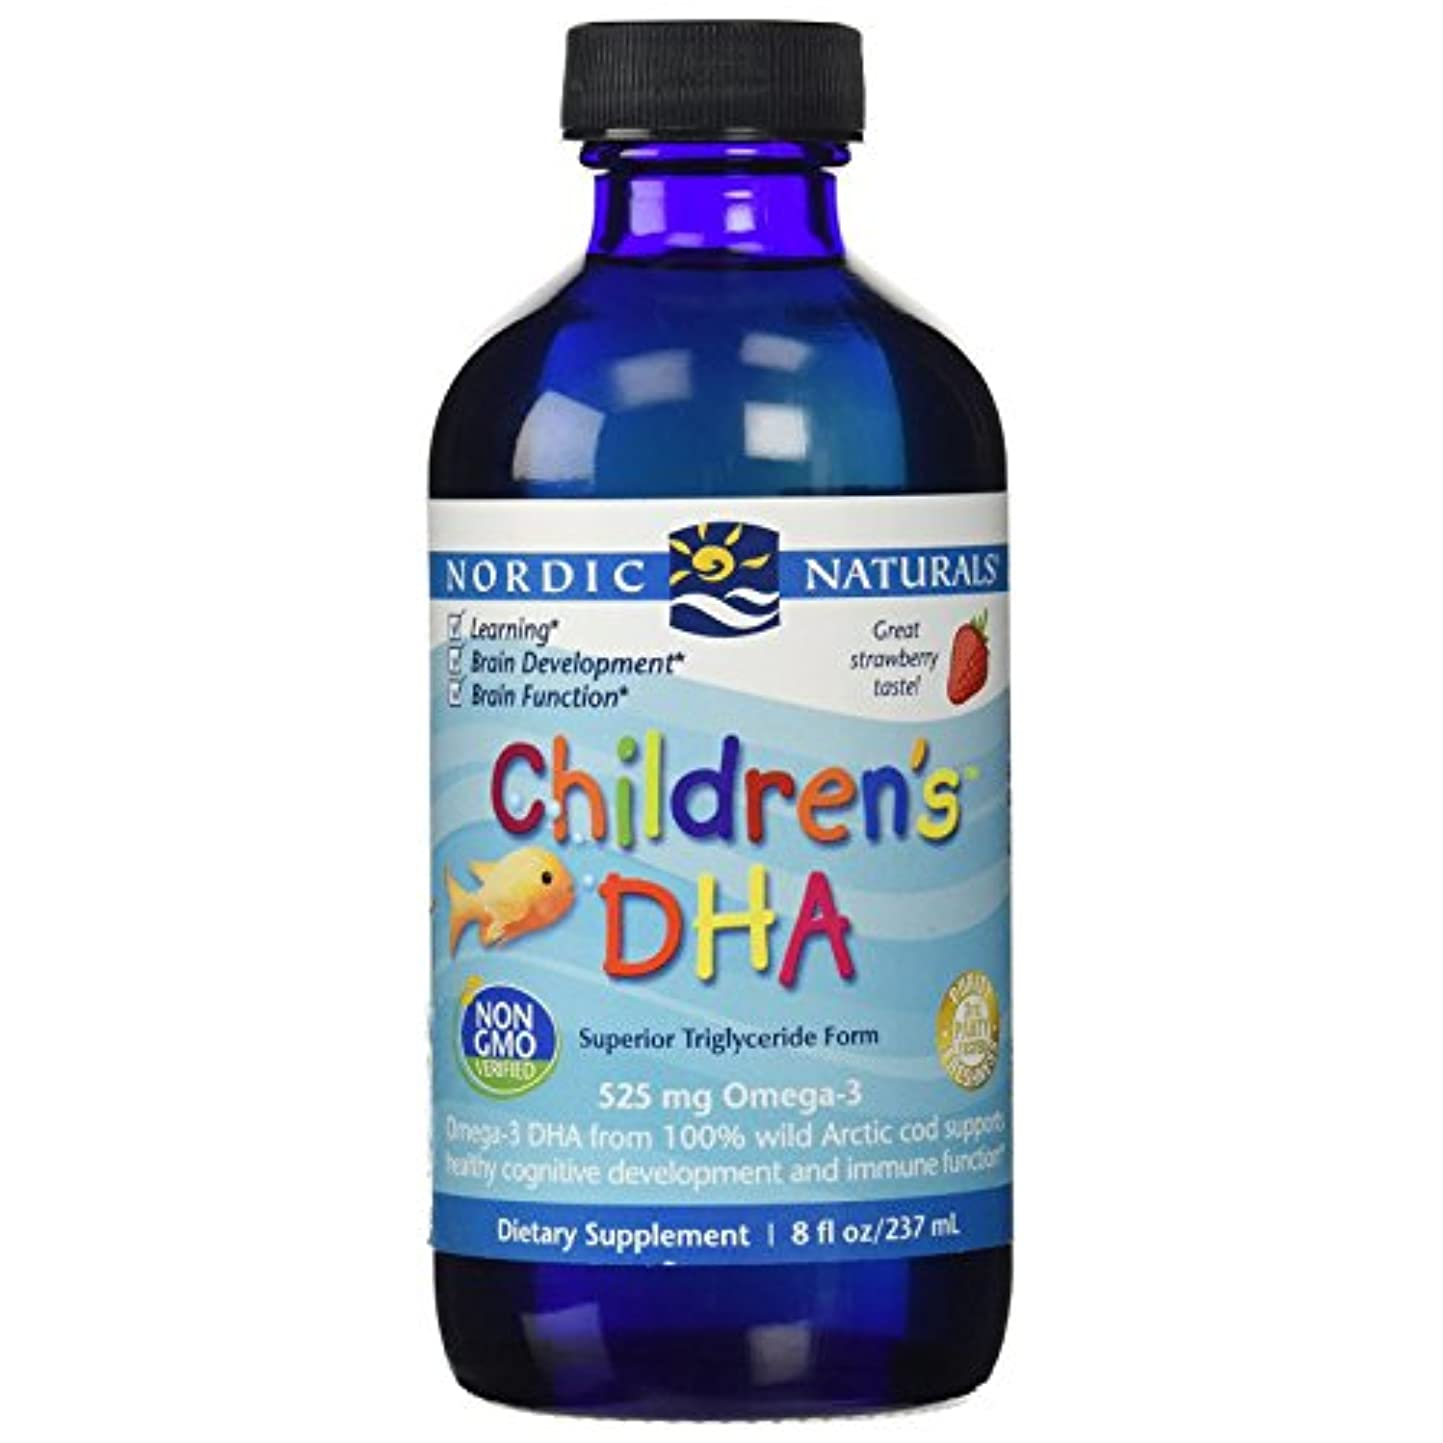 シャンプープレフィックス放棄海外直送品 Nordic Naturals - Children's DHA - 8 oz [並行輸入品]